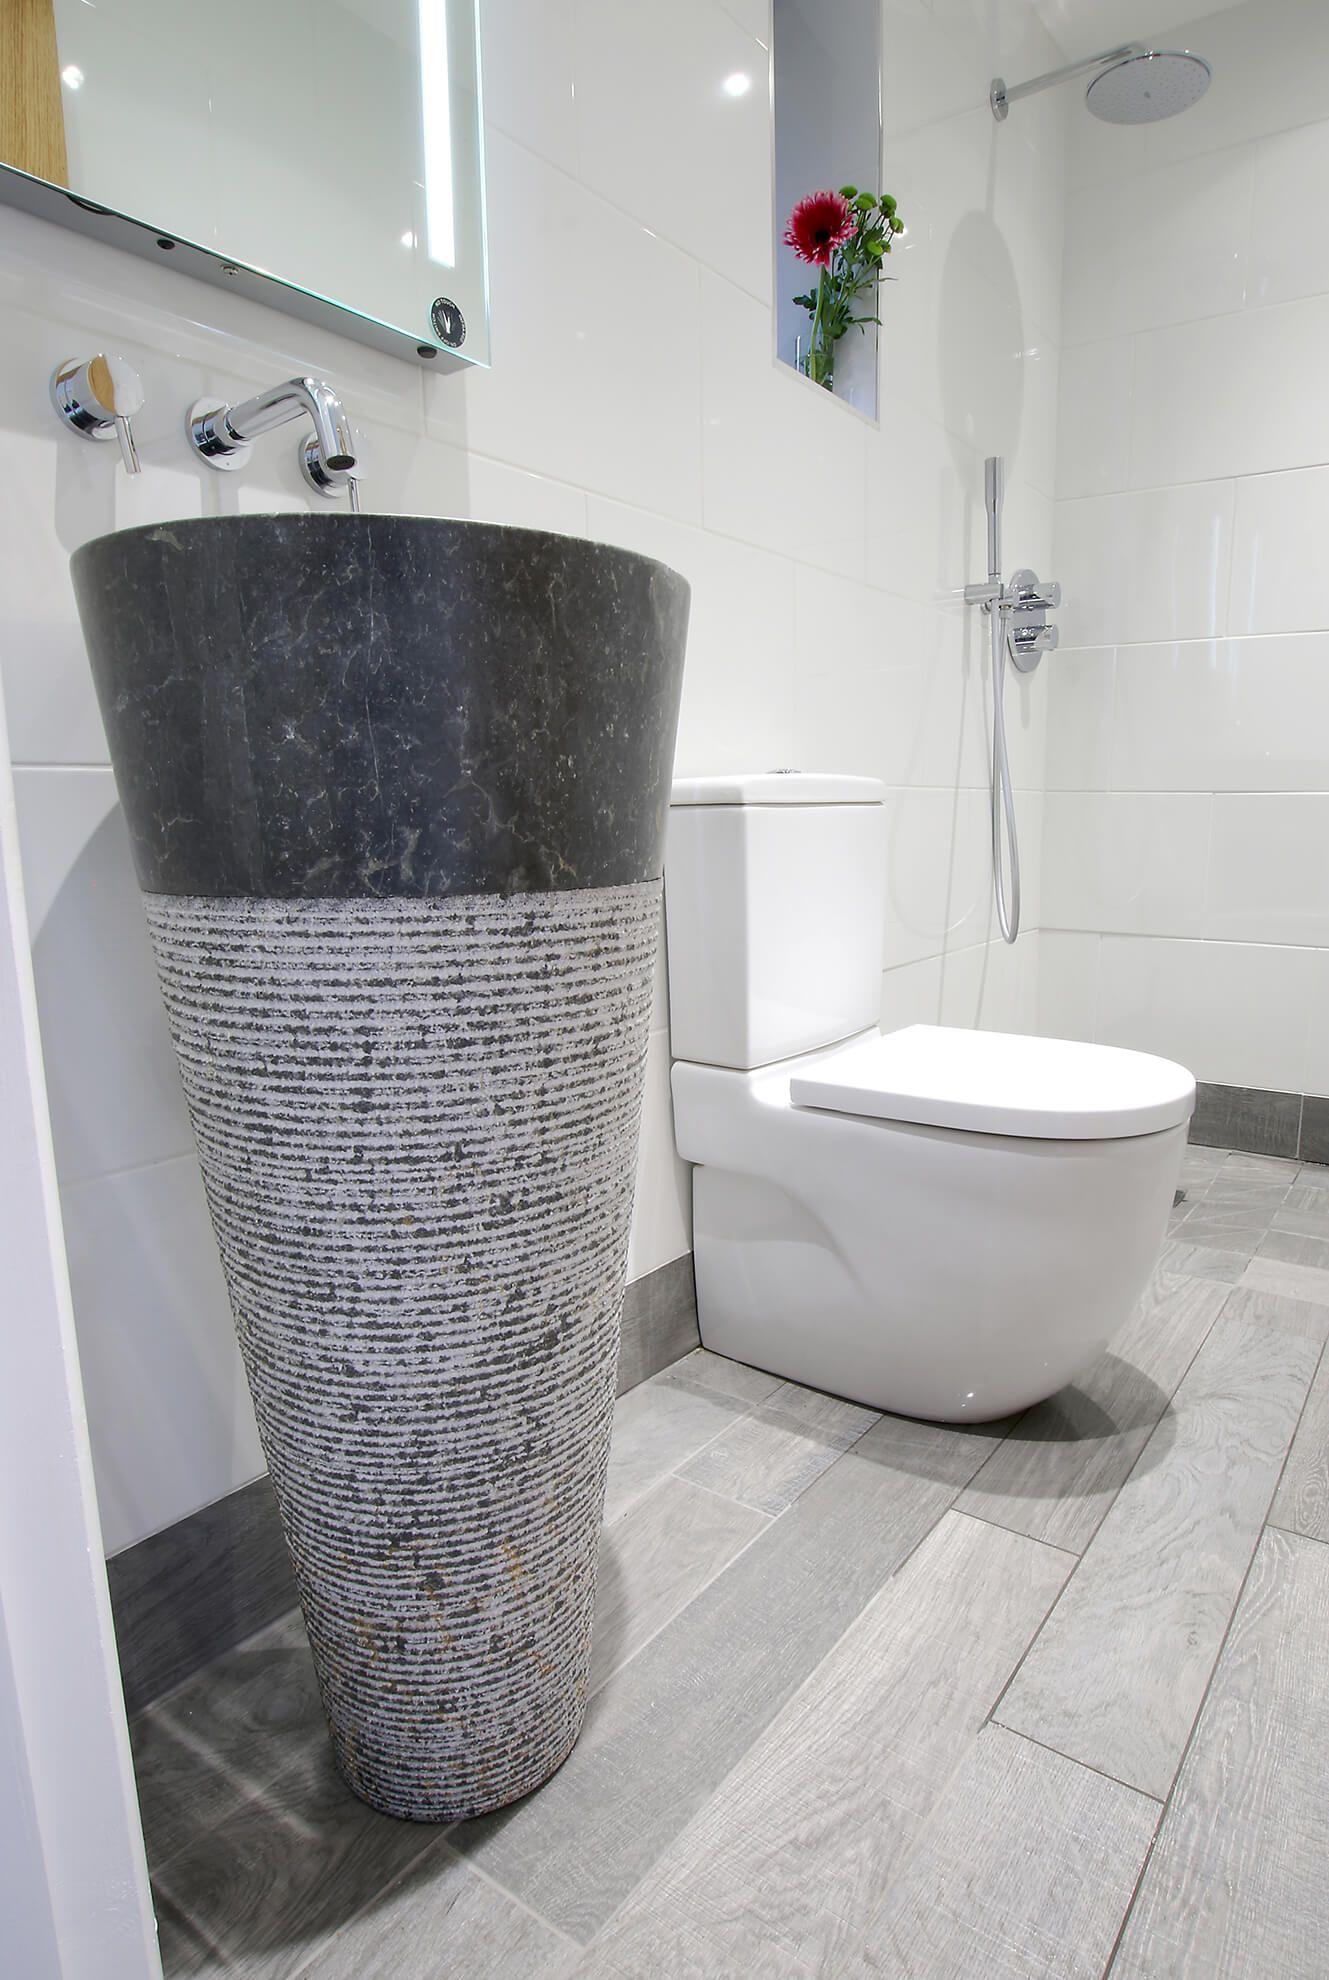 Ground floor: Modern minimalist wetroom with walk-in rainforest shower and standalone marble sink